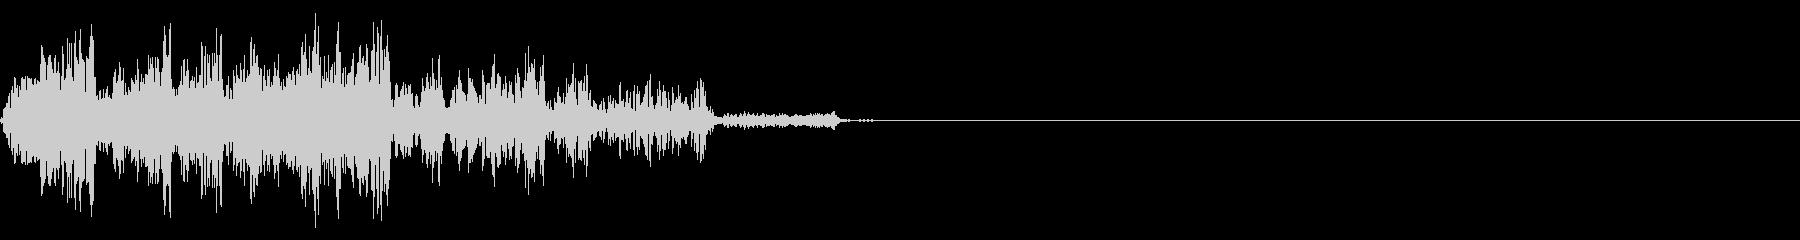 ラップバトル等でDJが巻き戻す音 の未再生の波形